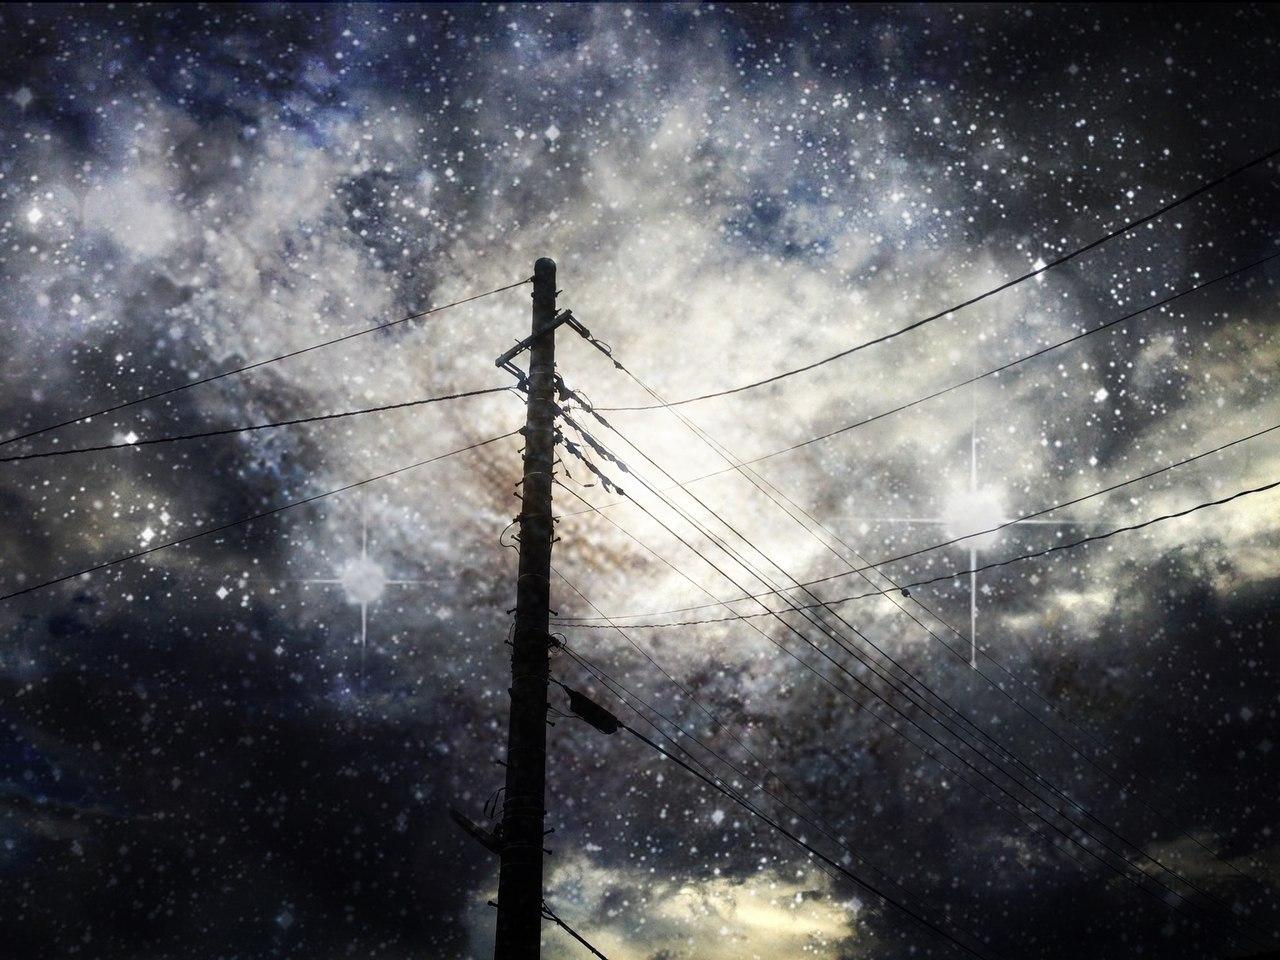 Скачать картинку Космос, Звезды, Небо, Пейзаж в телефон бесплатно.